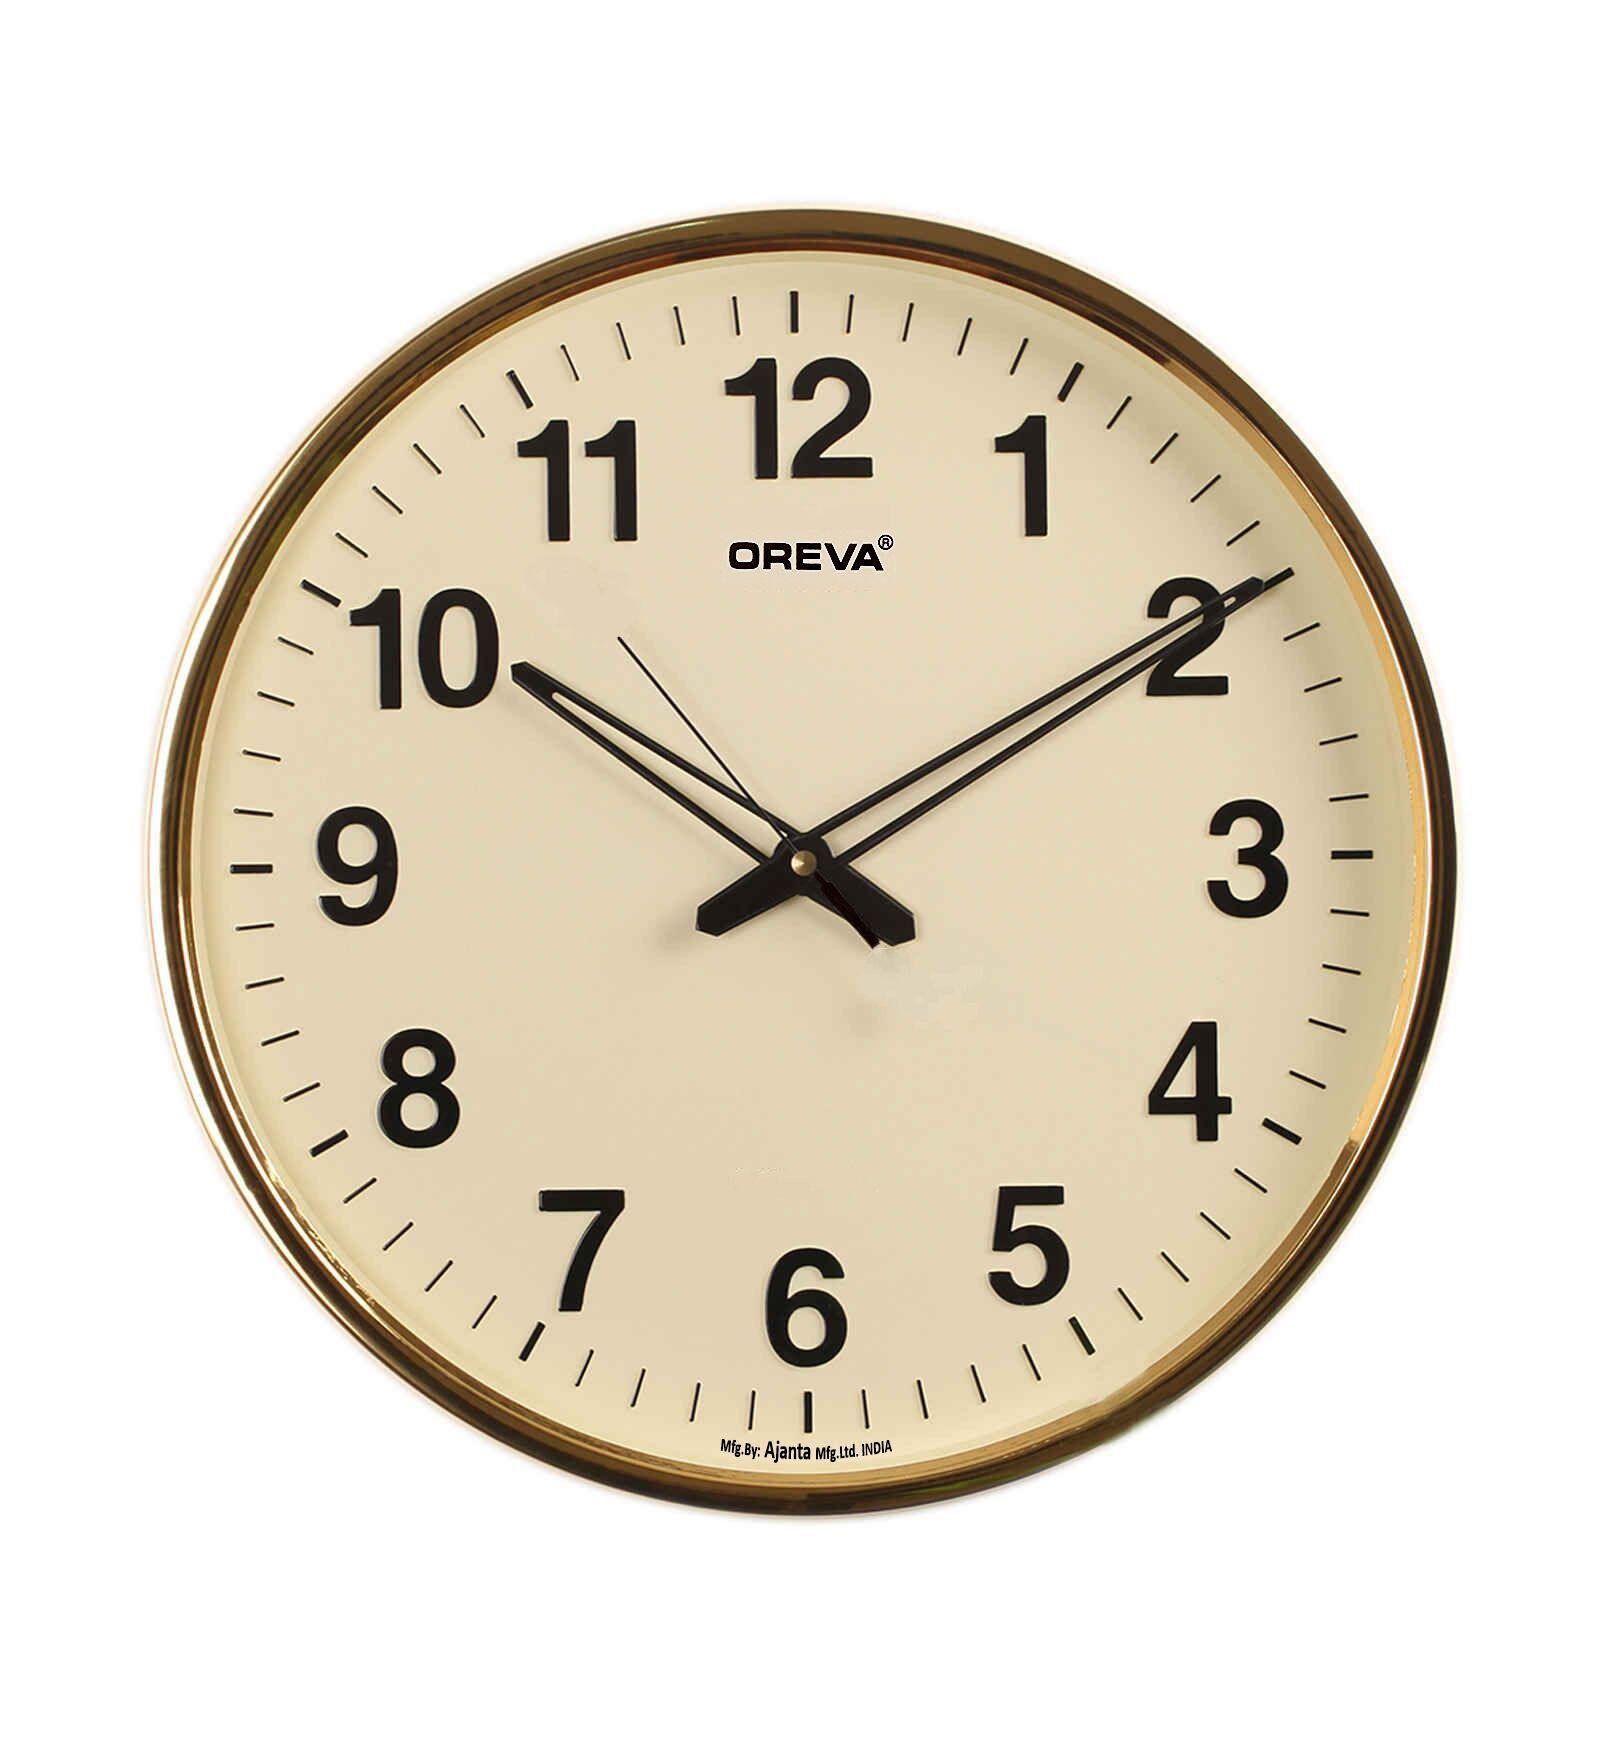 Ajanta circular analog wall clock buy ajanta circular analog wall ajanta circular analog wall clock amipublicfo Images